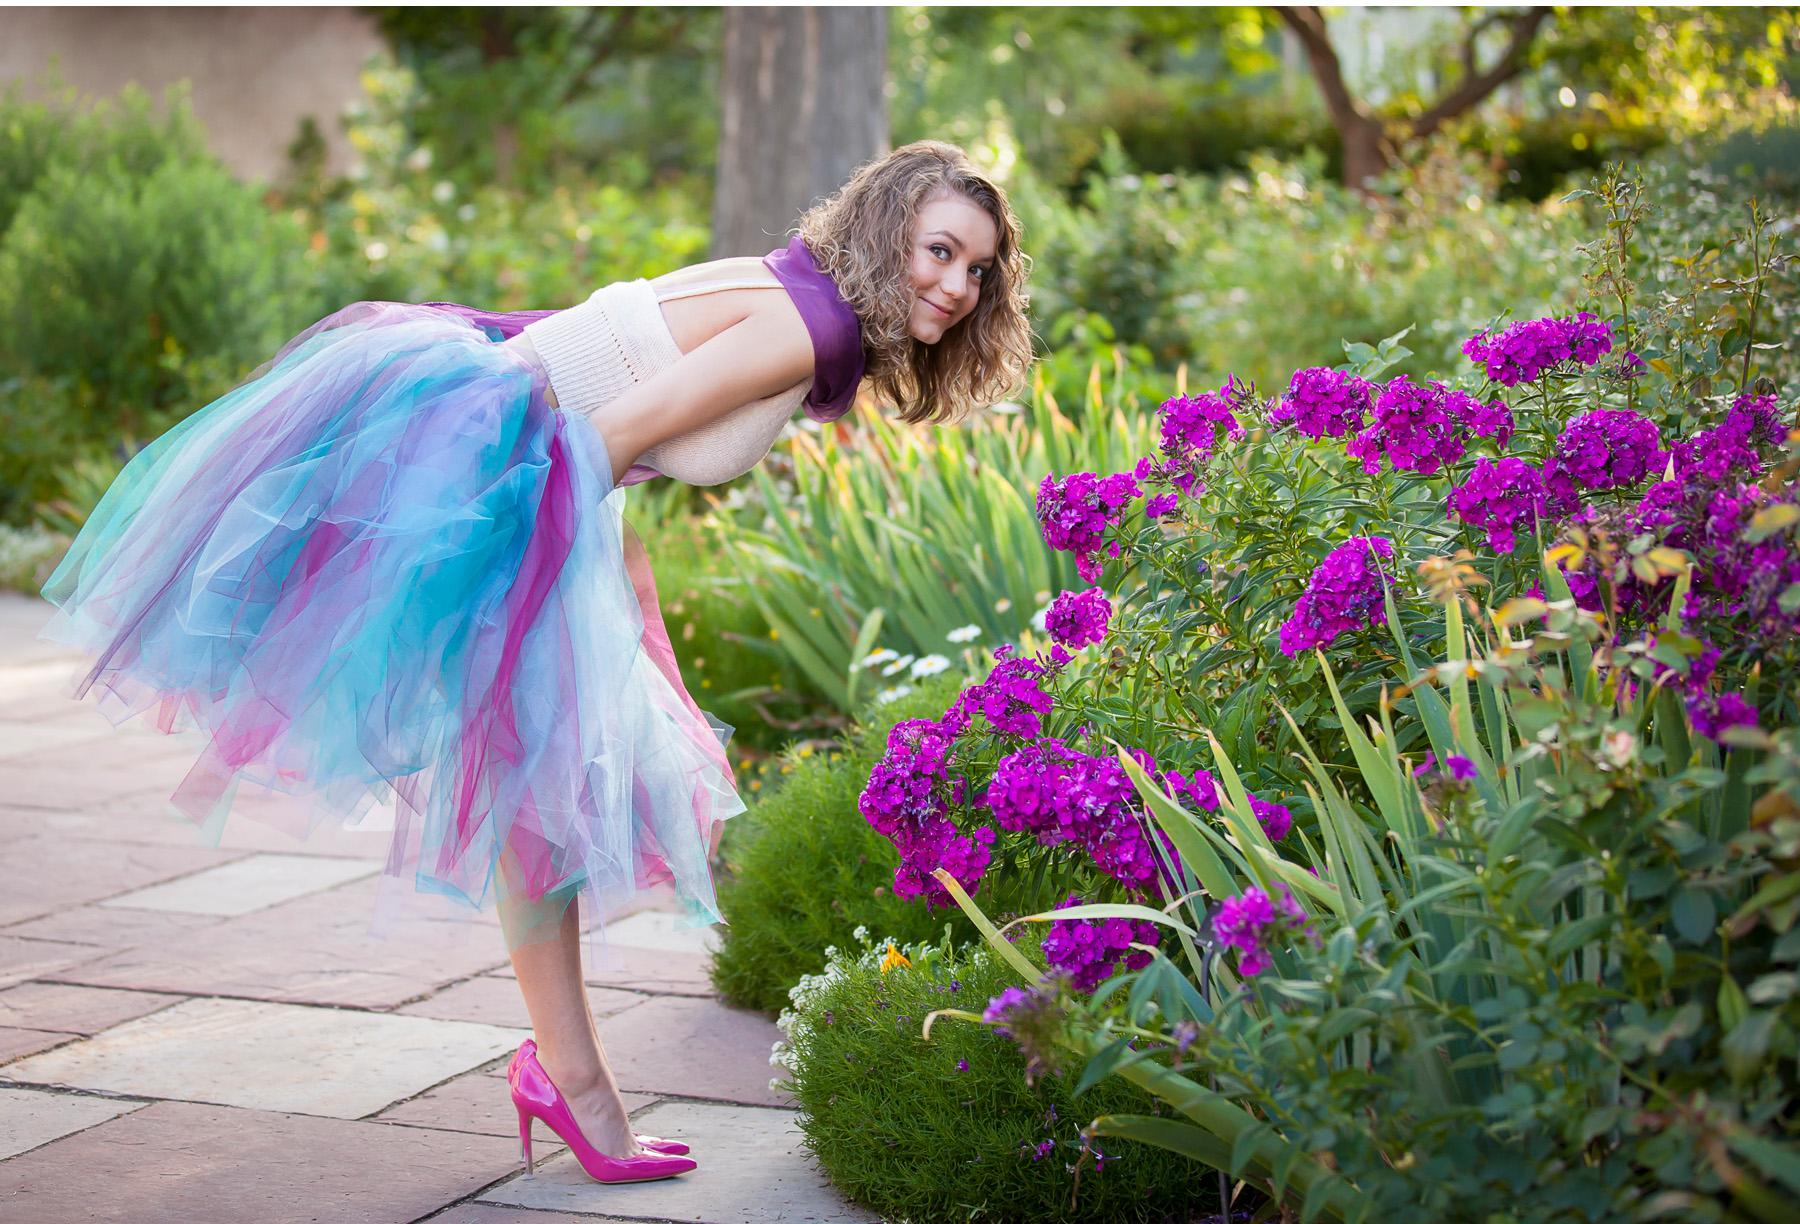 Senior Pictures in Denver Botanic Gardens, photographer Jennifer Koskinen